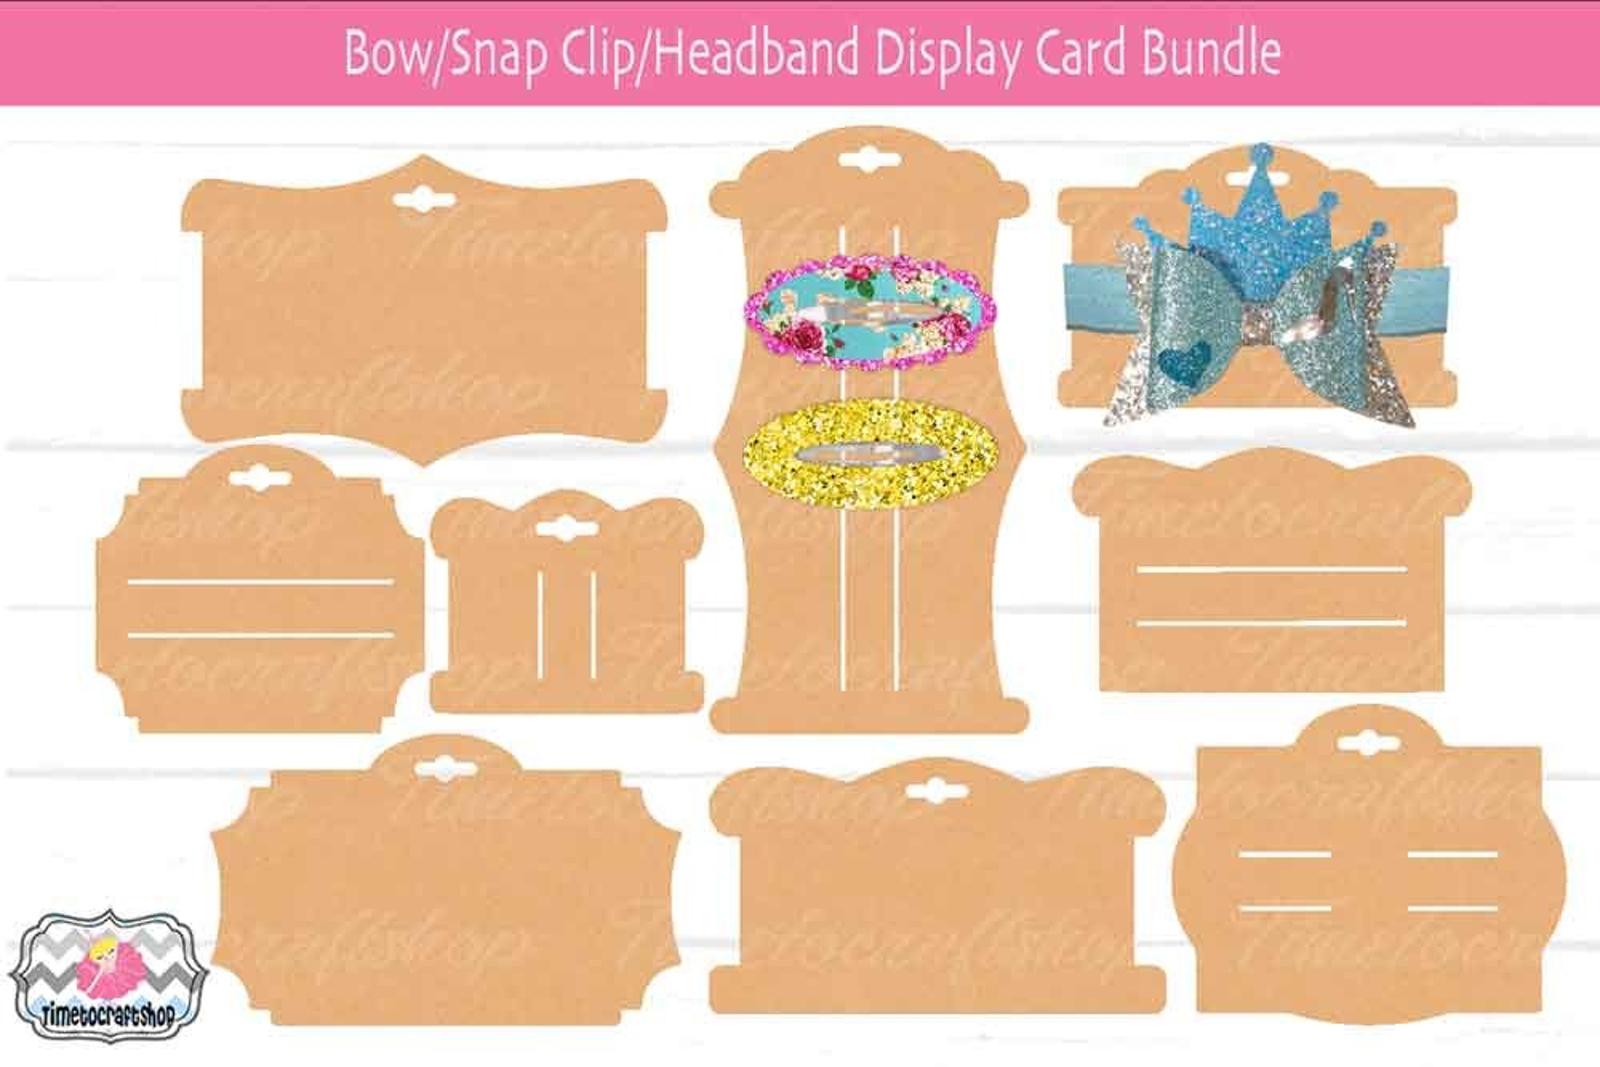 Hair Bow Snap Clip, Headband Display Card Bundle, Bow Card Template, Cricut  Bow Card Within Headband Card Template Inside Headband Card Template